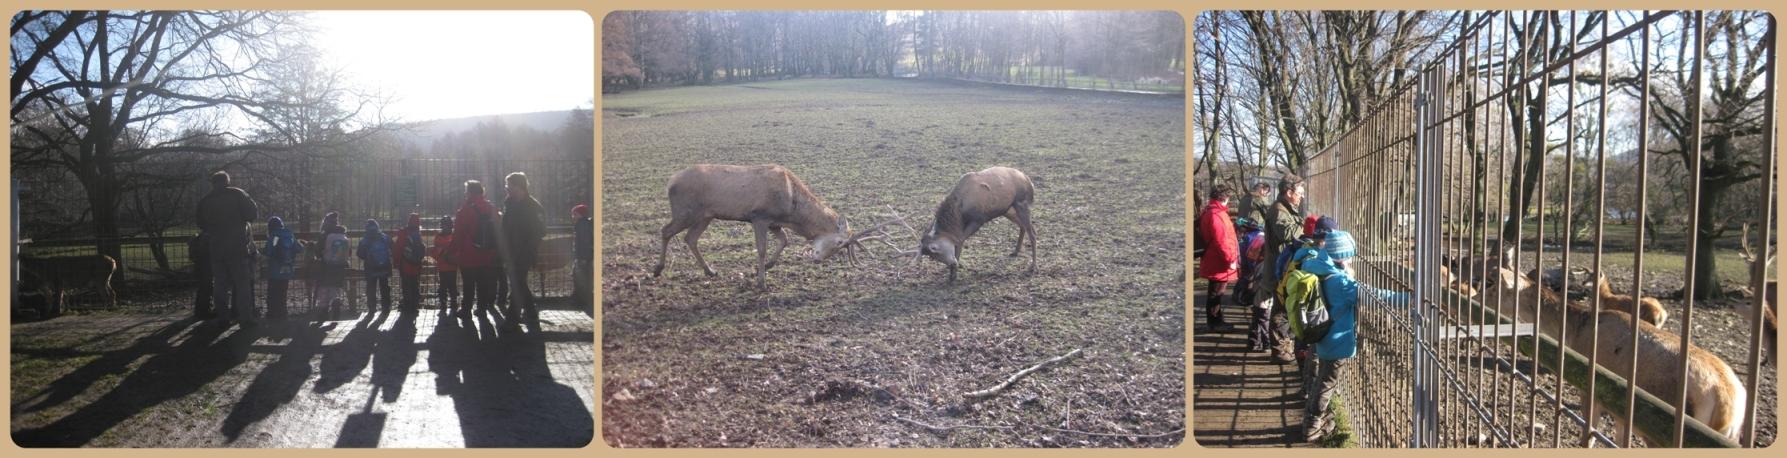 Wildgehege in Bad Harzburg - Draußentag am 14.02.2014